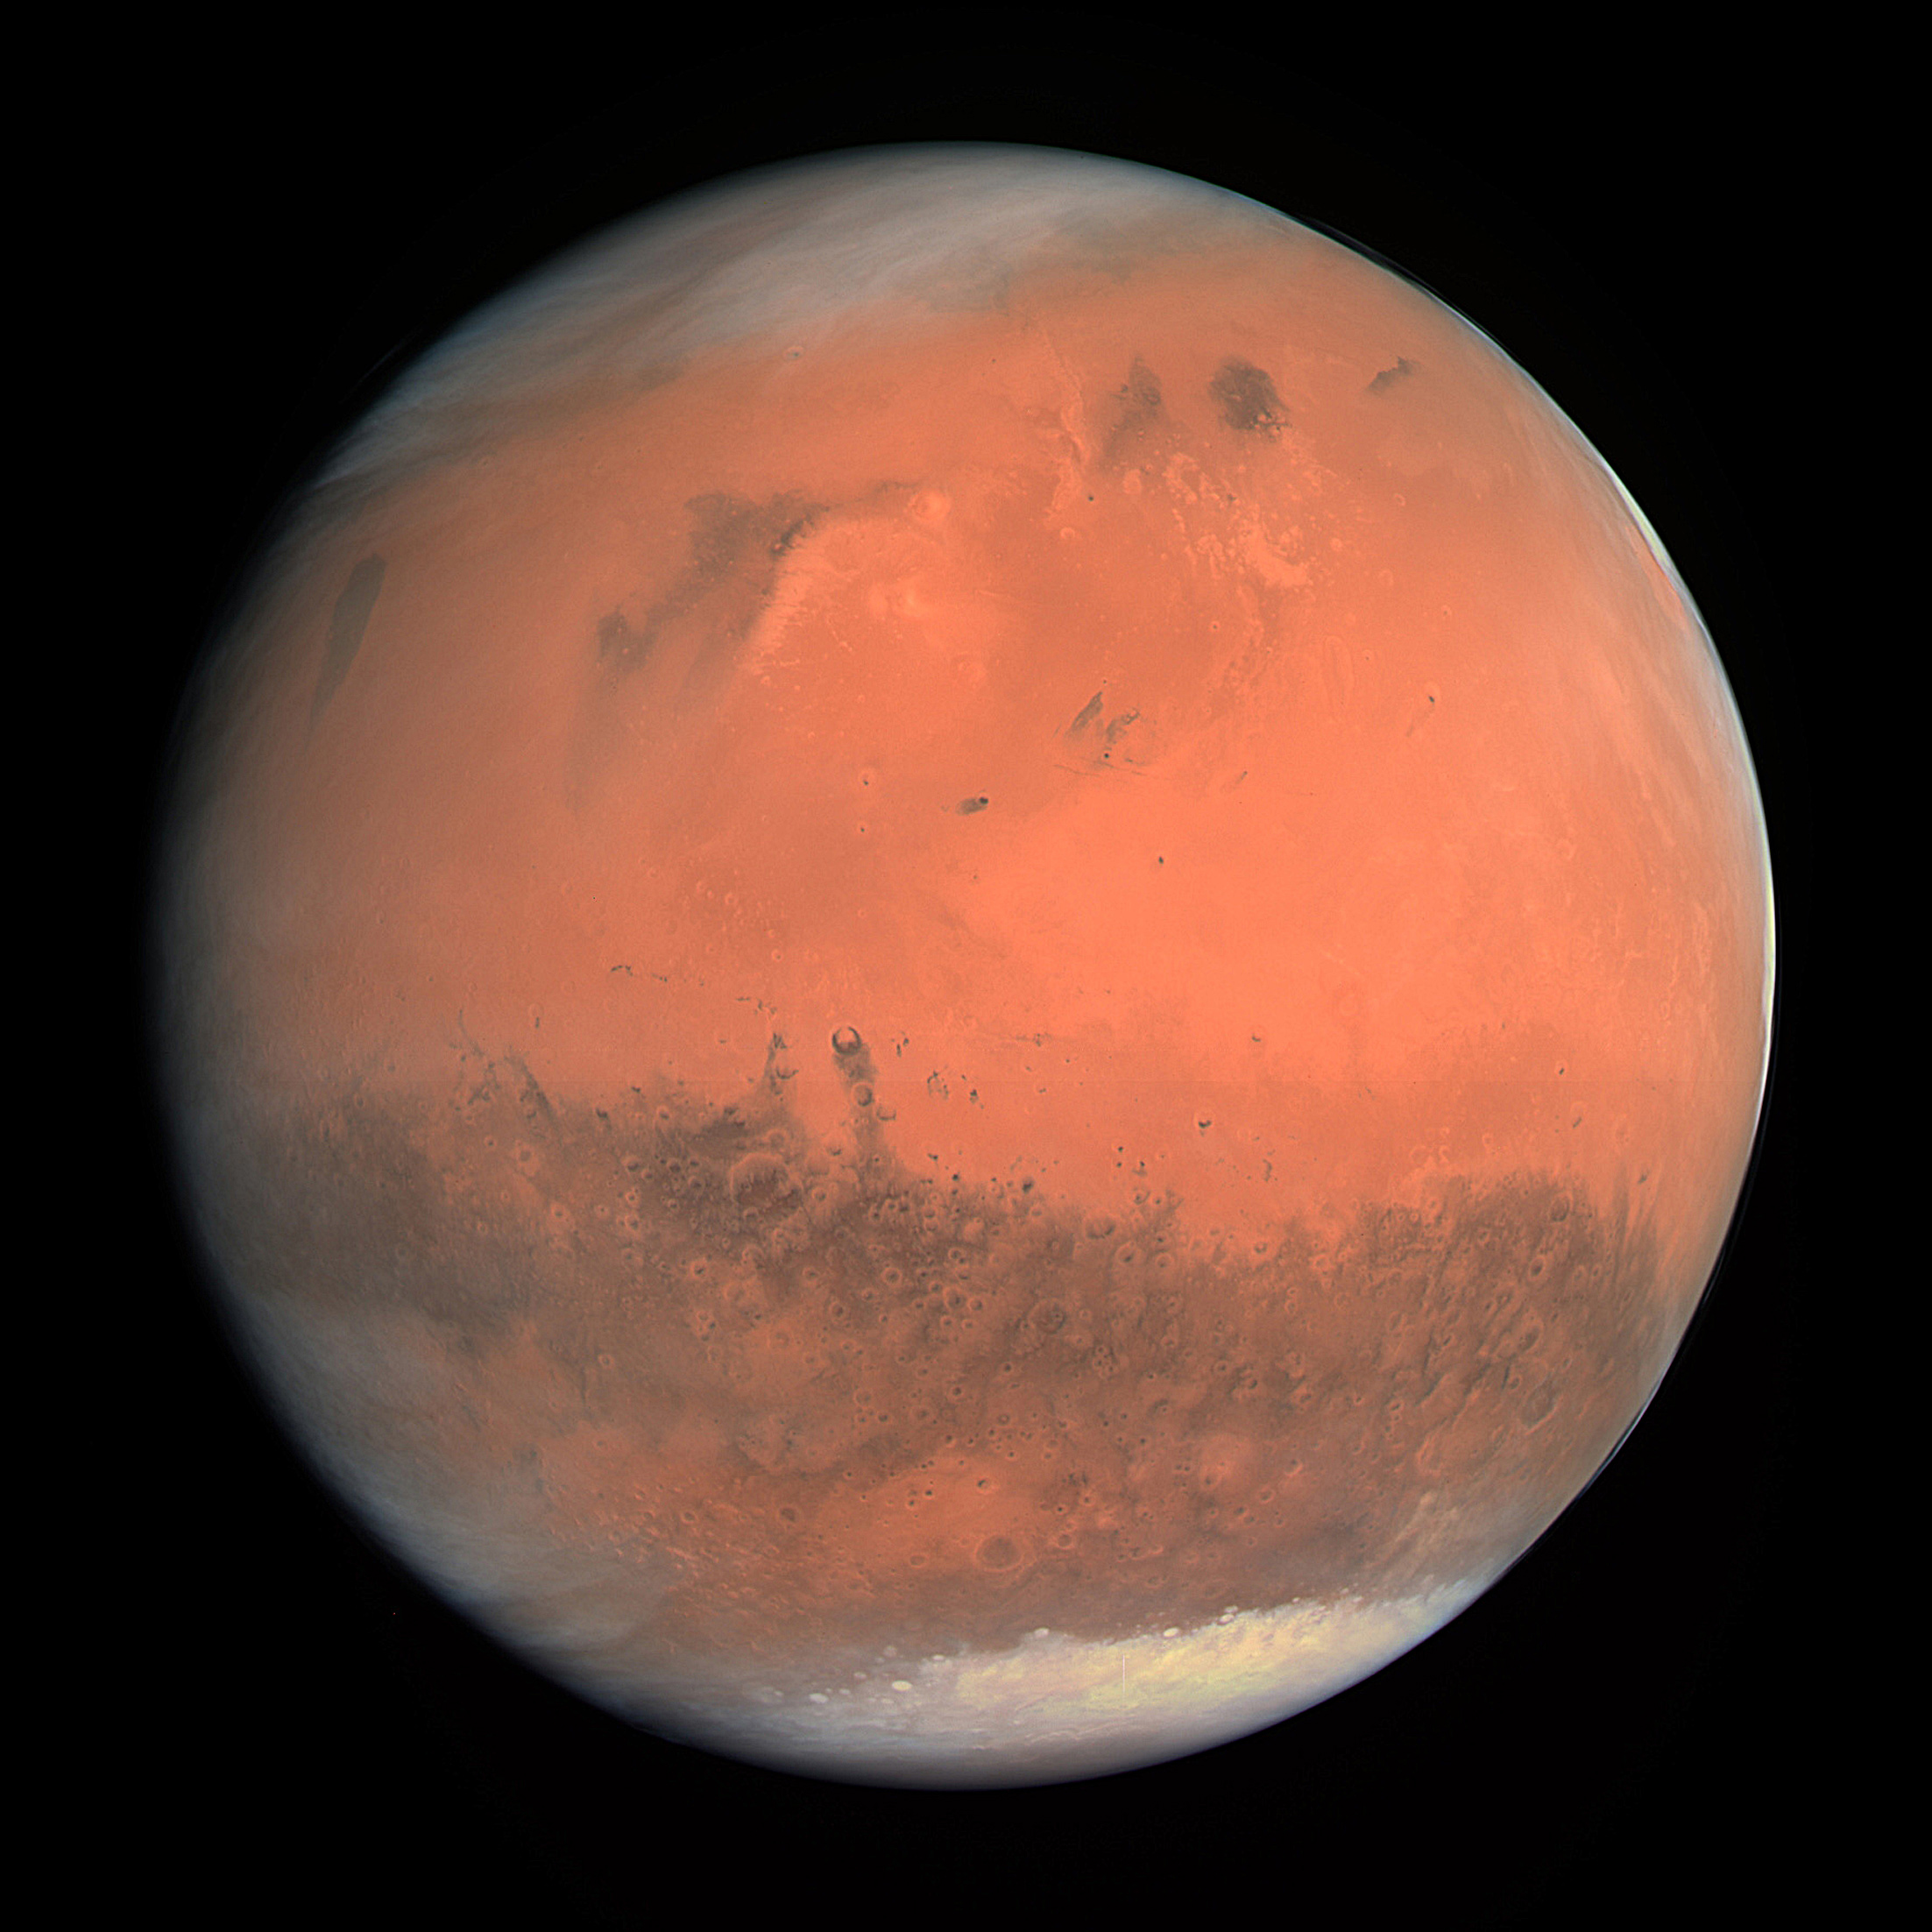 Obrázek: Přes vesmír do hlubin. NASA hledá život v prastarých oceánech